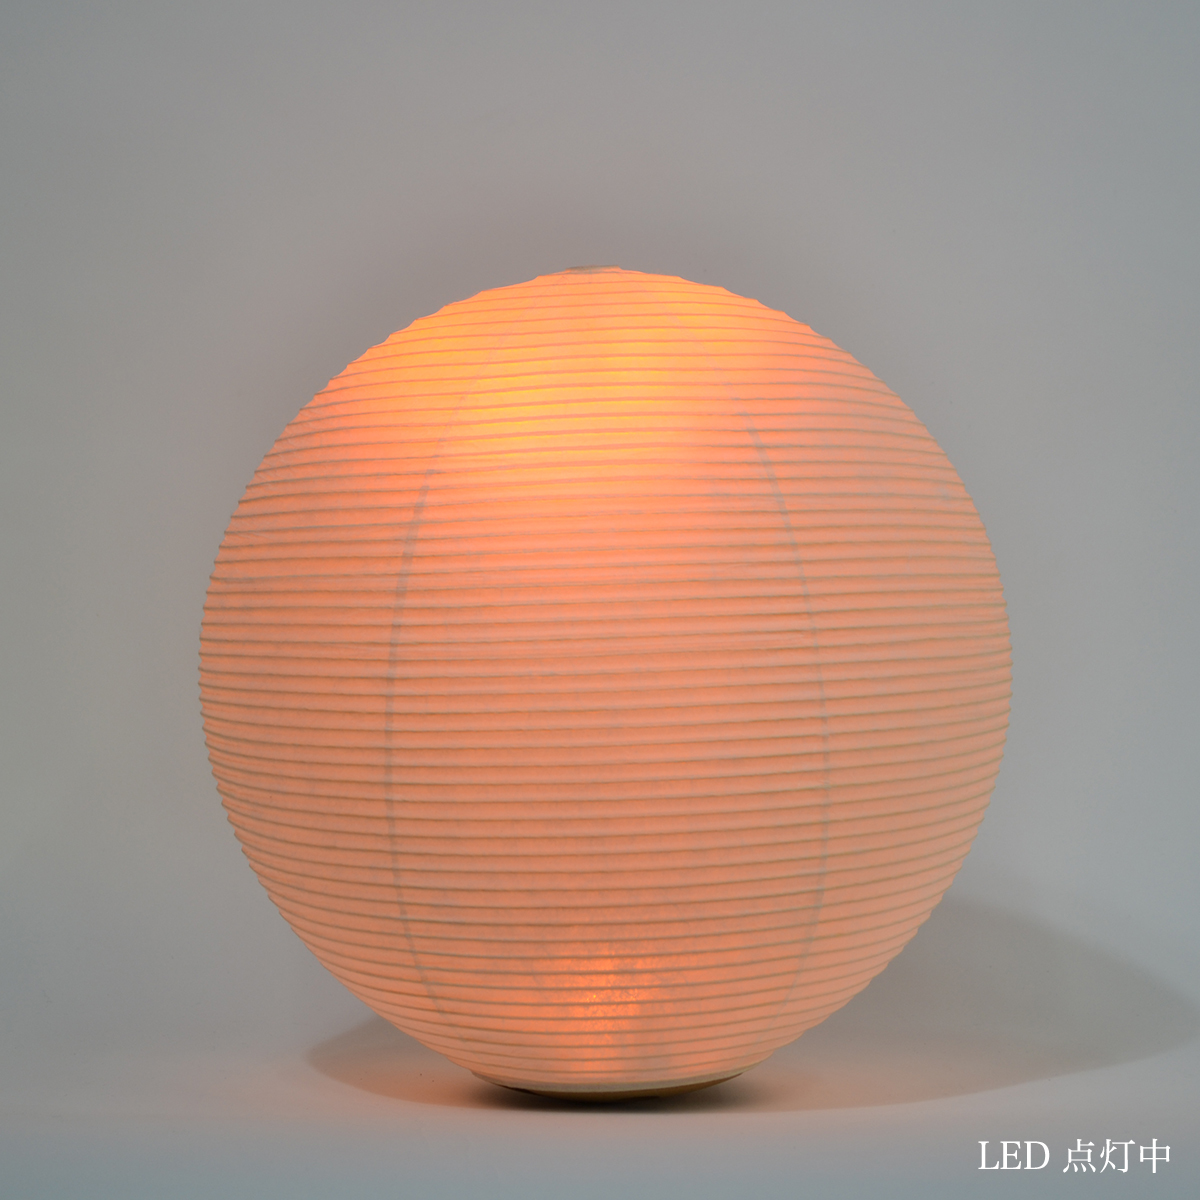 癒しの揺らぐ提灯式ランプ|SWING - リラックス空間を作る「提灯式」ランプ | まんげつ